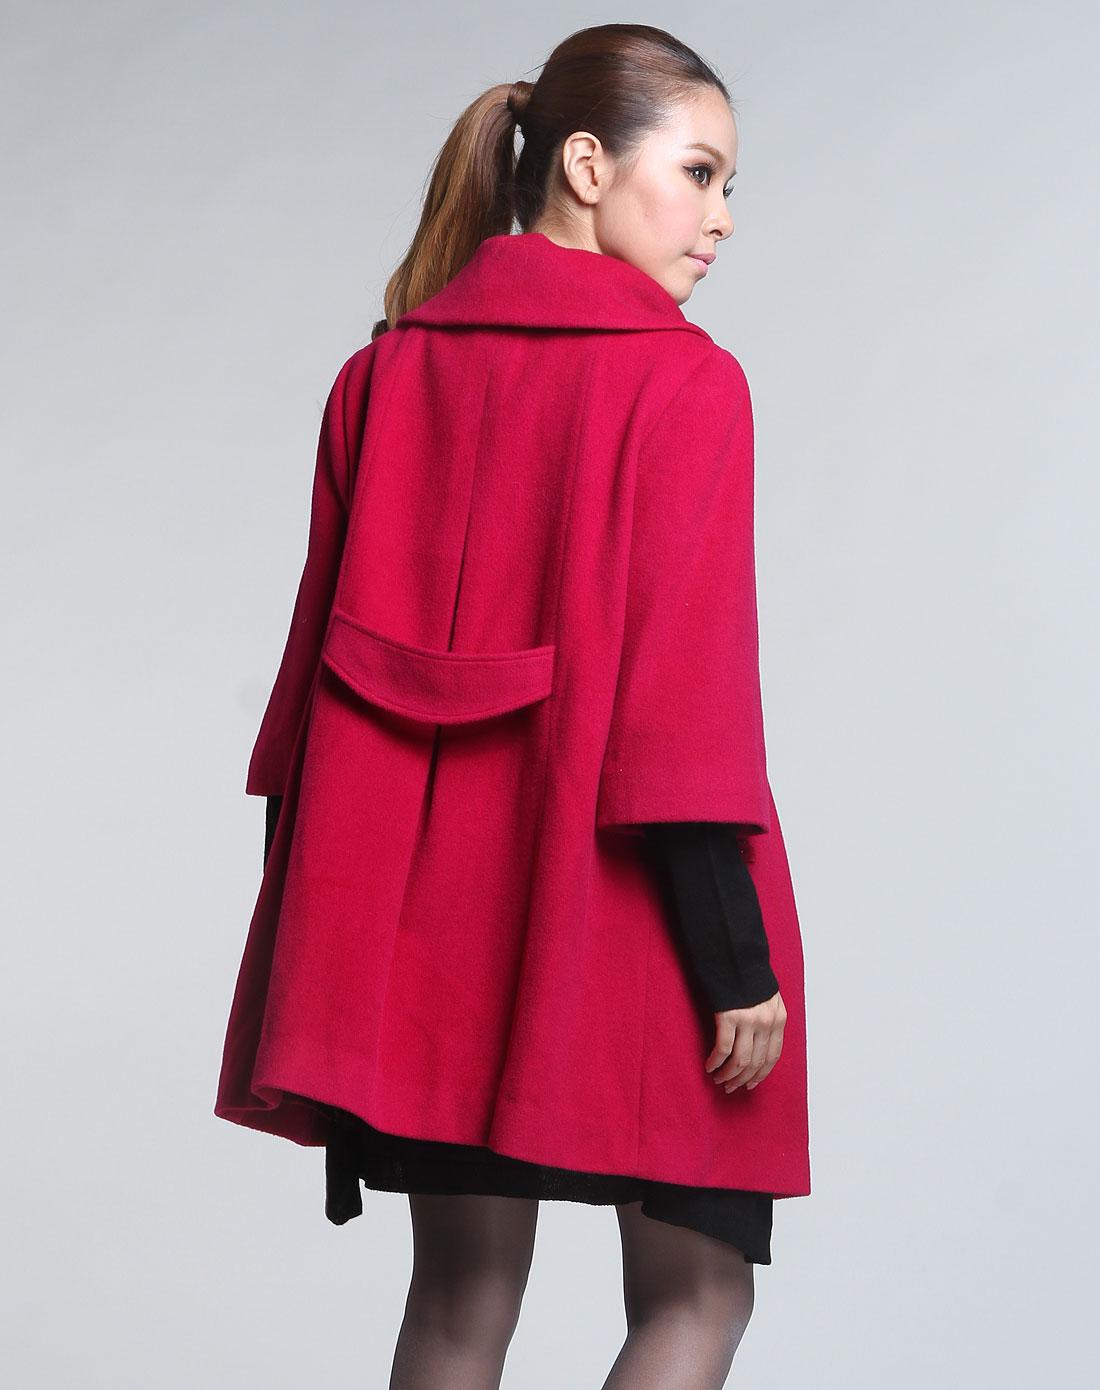 红色毛呢中袖大衣